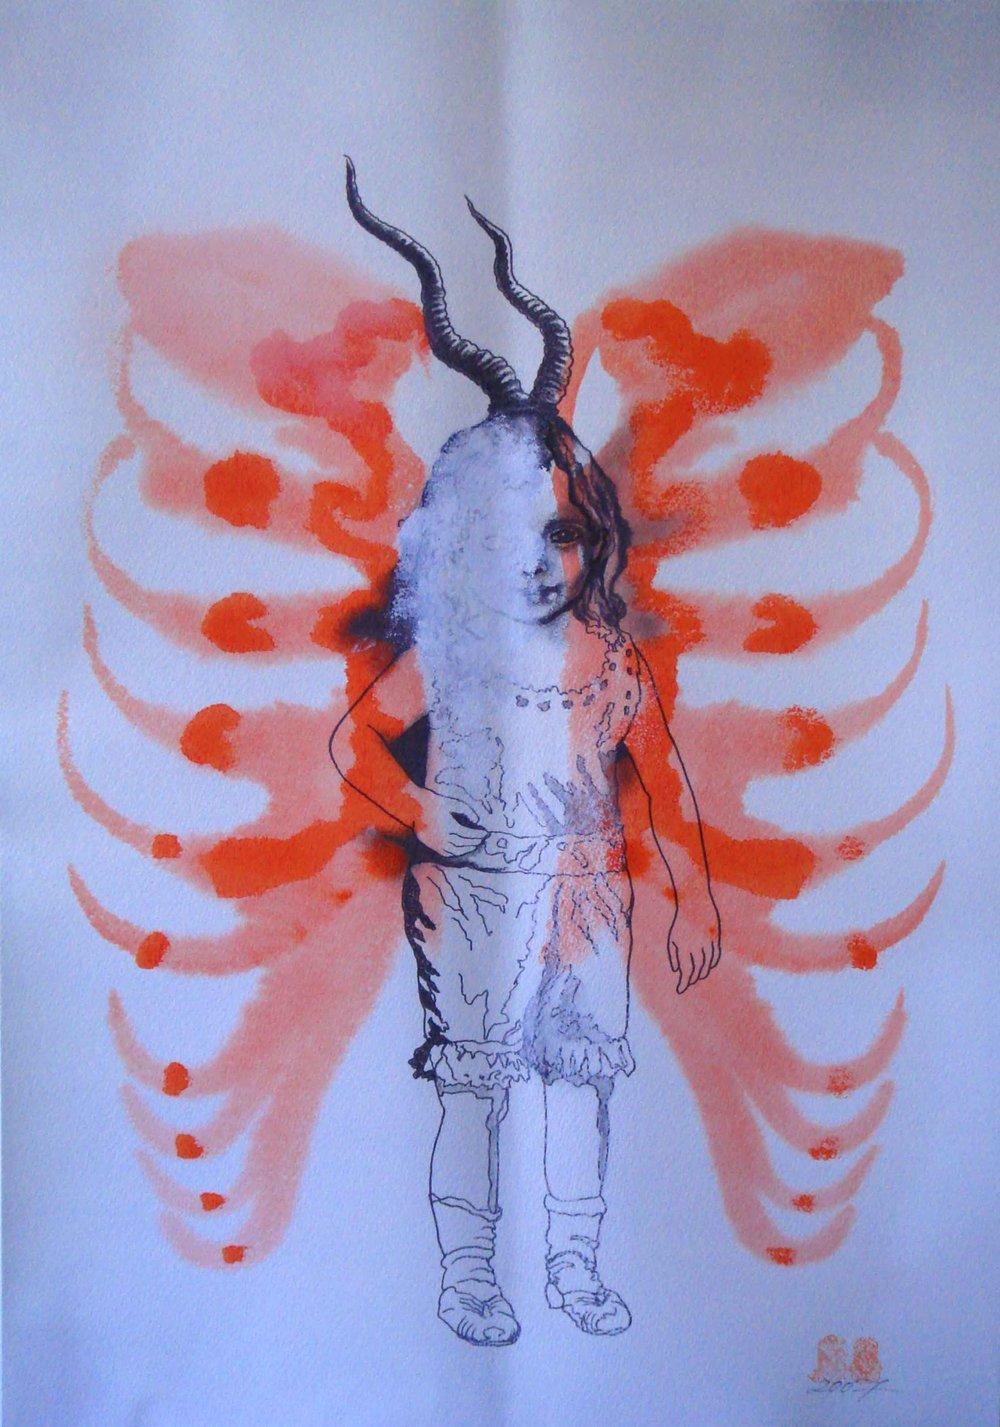 NANA OHNESORGE  Nature Studies #1  Watercolour, pencil, pigment pen, pastel, oil pastel & gouache on paper 59.4 ×42 cm